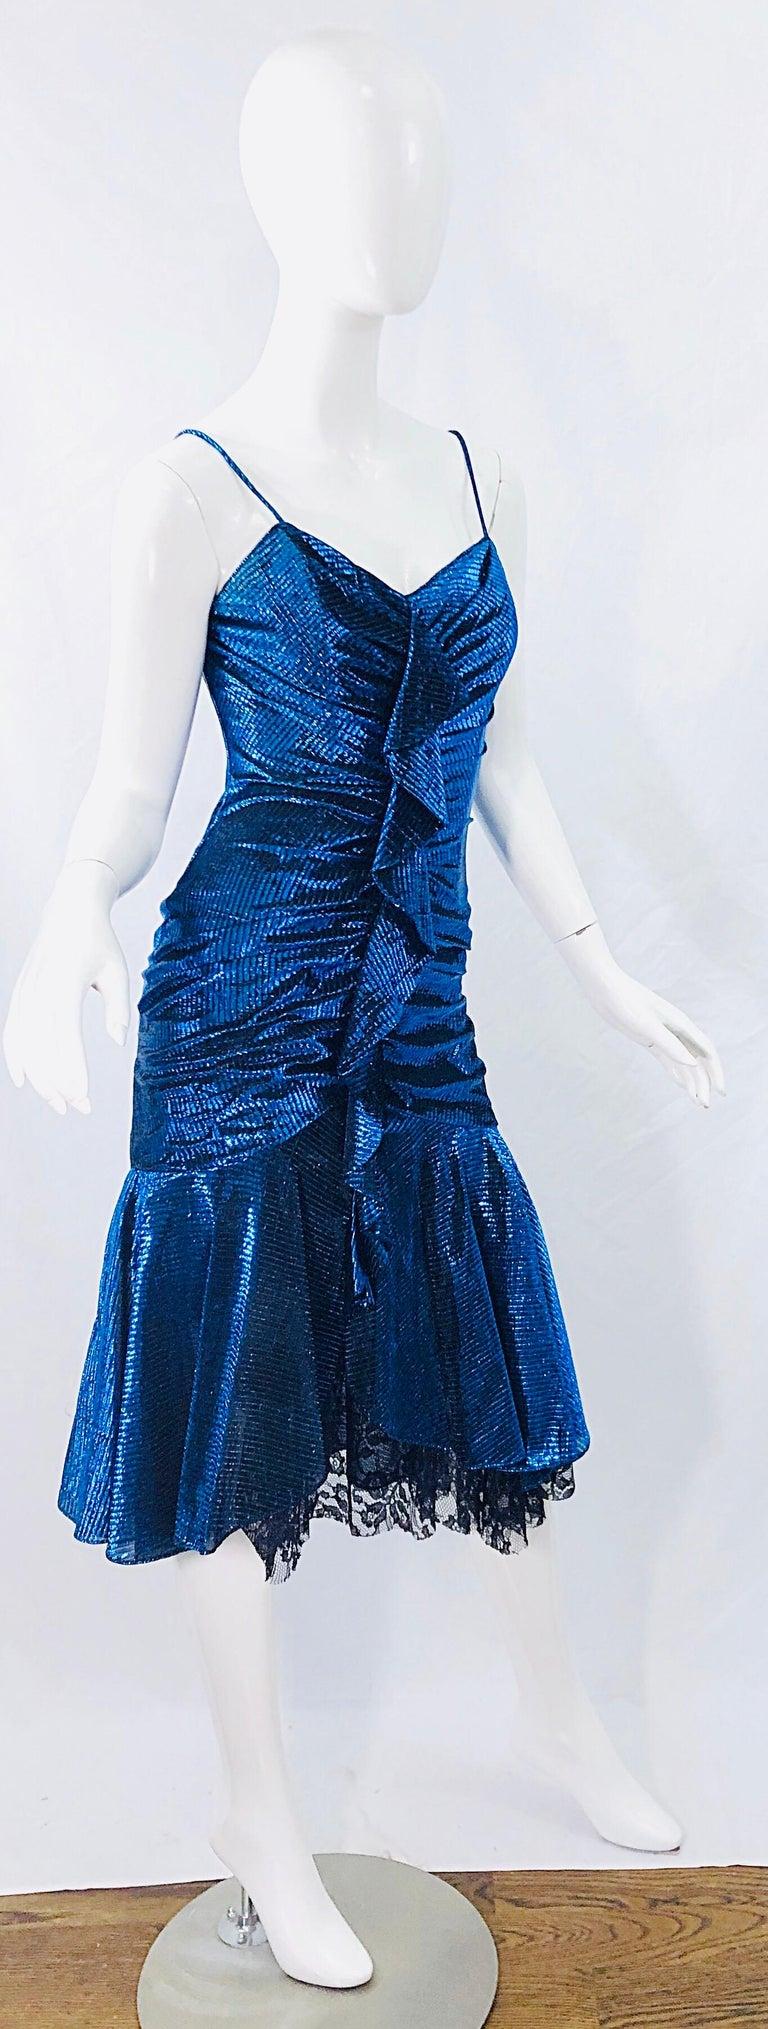 1980s Samir Electric Blue Lurex + Black Lace Handkerchief Hem Vintage 80s Dress For Sale 7